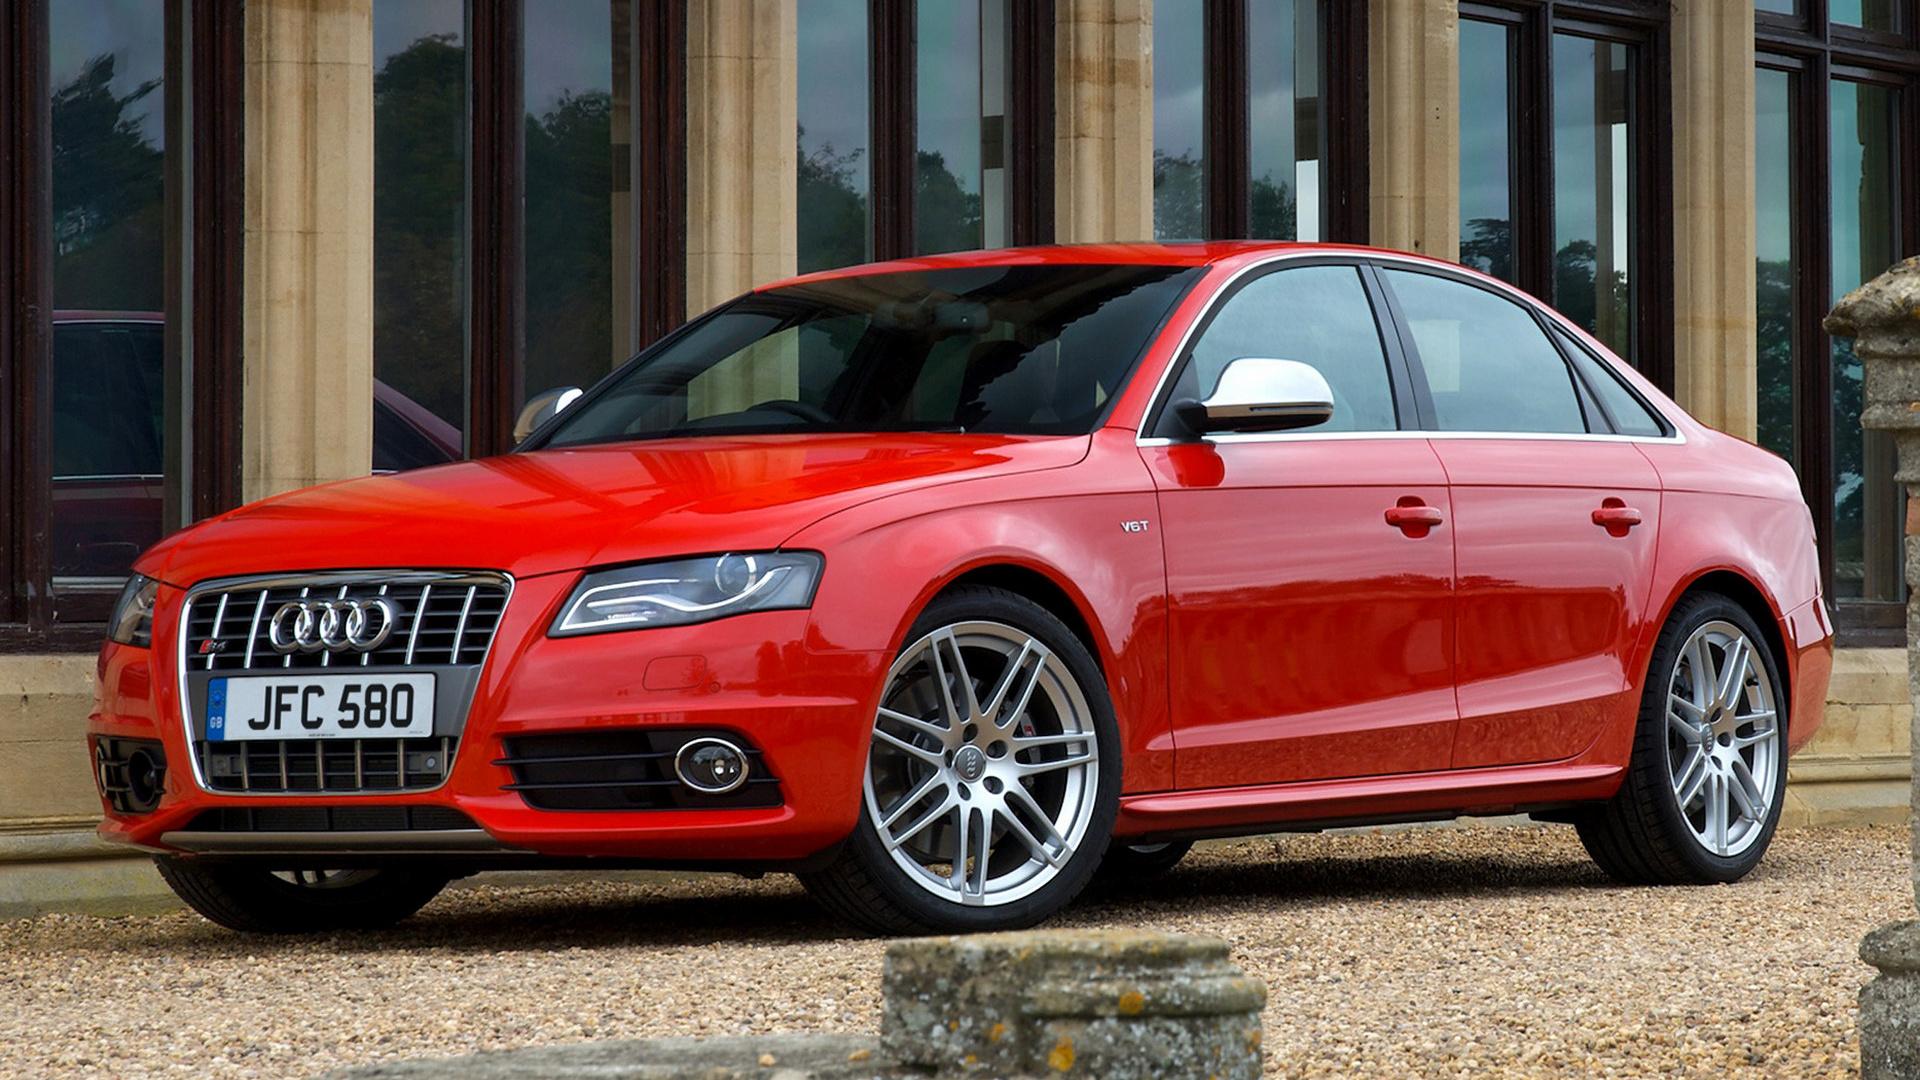 Kelebihan Kekurangan Audi S4 2009 Spesifikasi